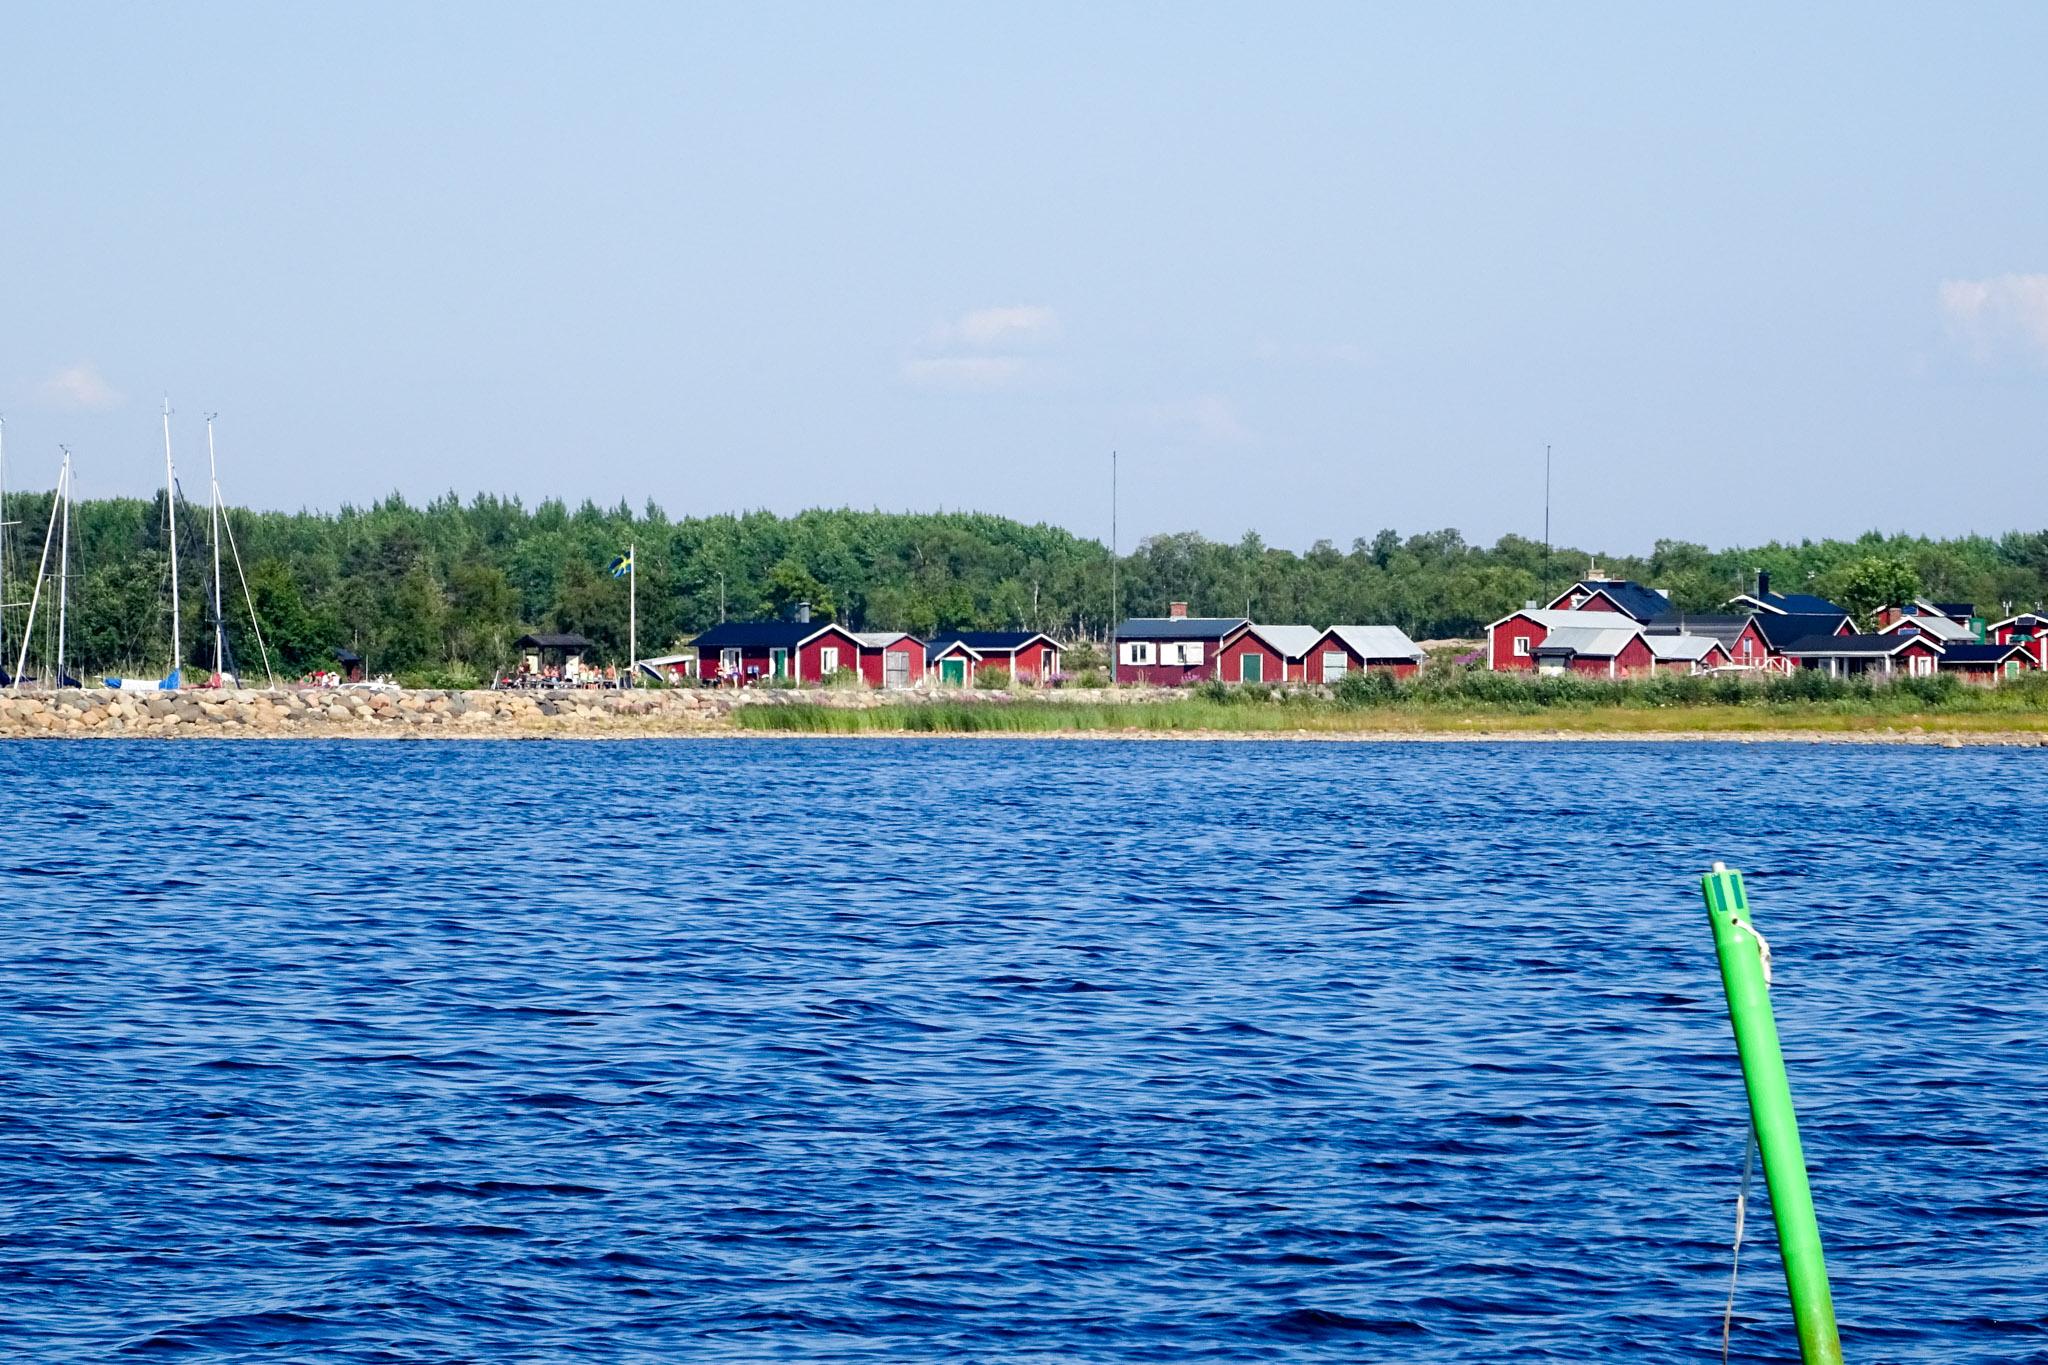 Hafen und Ort Haparanda-Sandskär